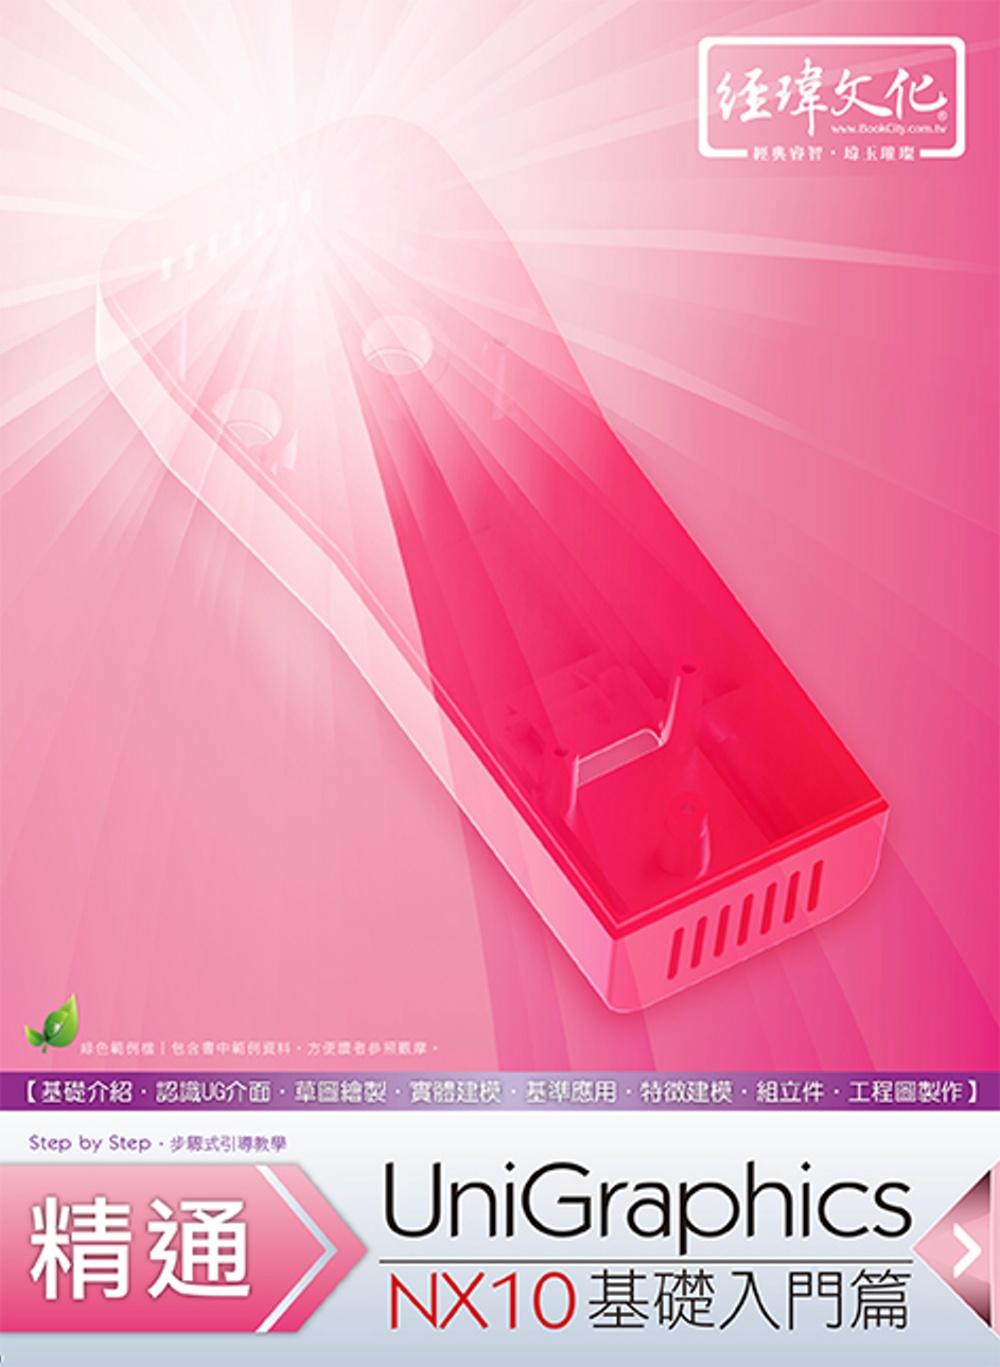 精通 UniGraphics NX10:基礎入門篇(附綠色範例檔)